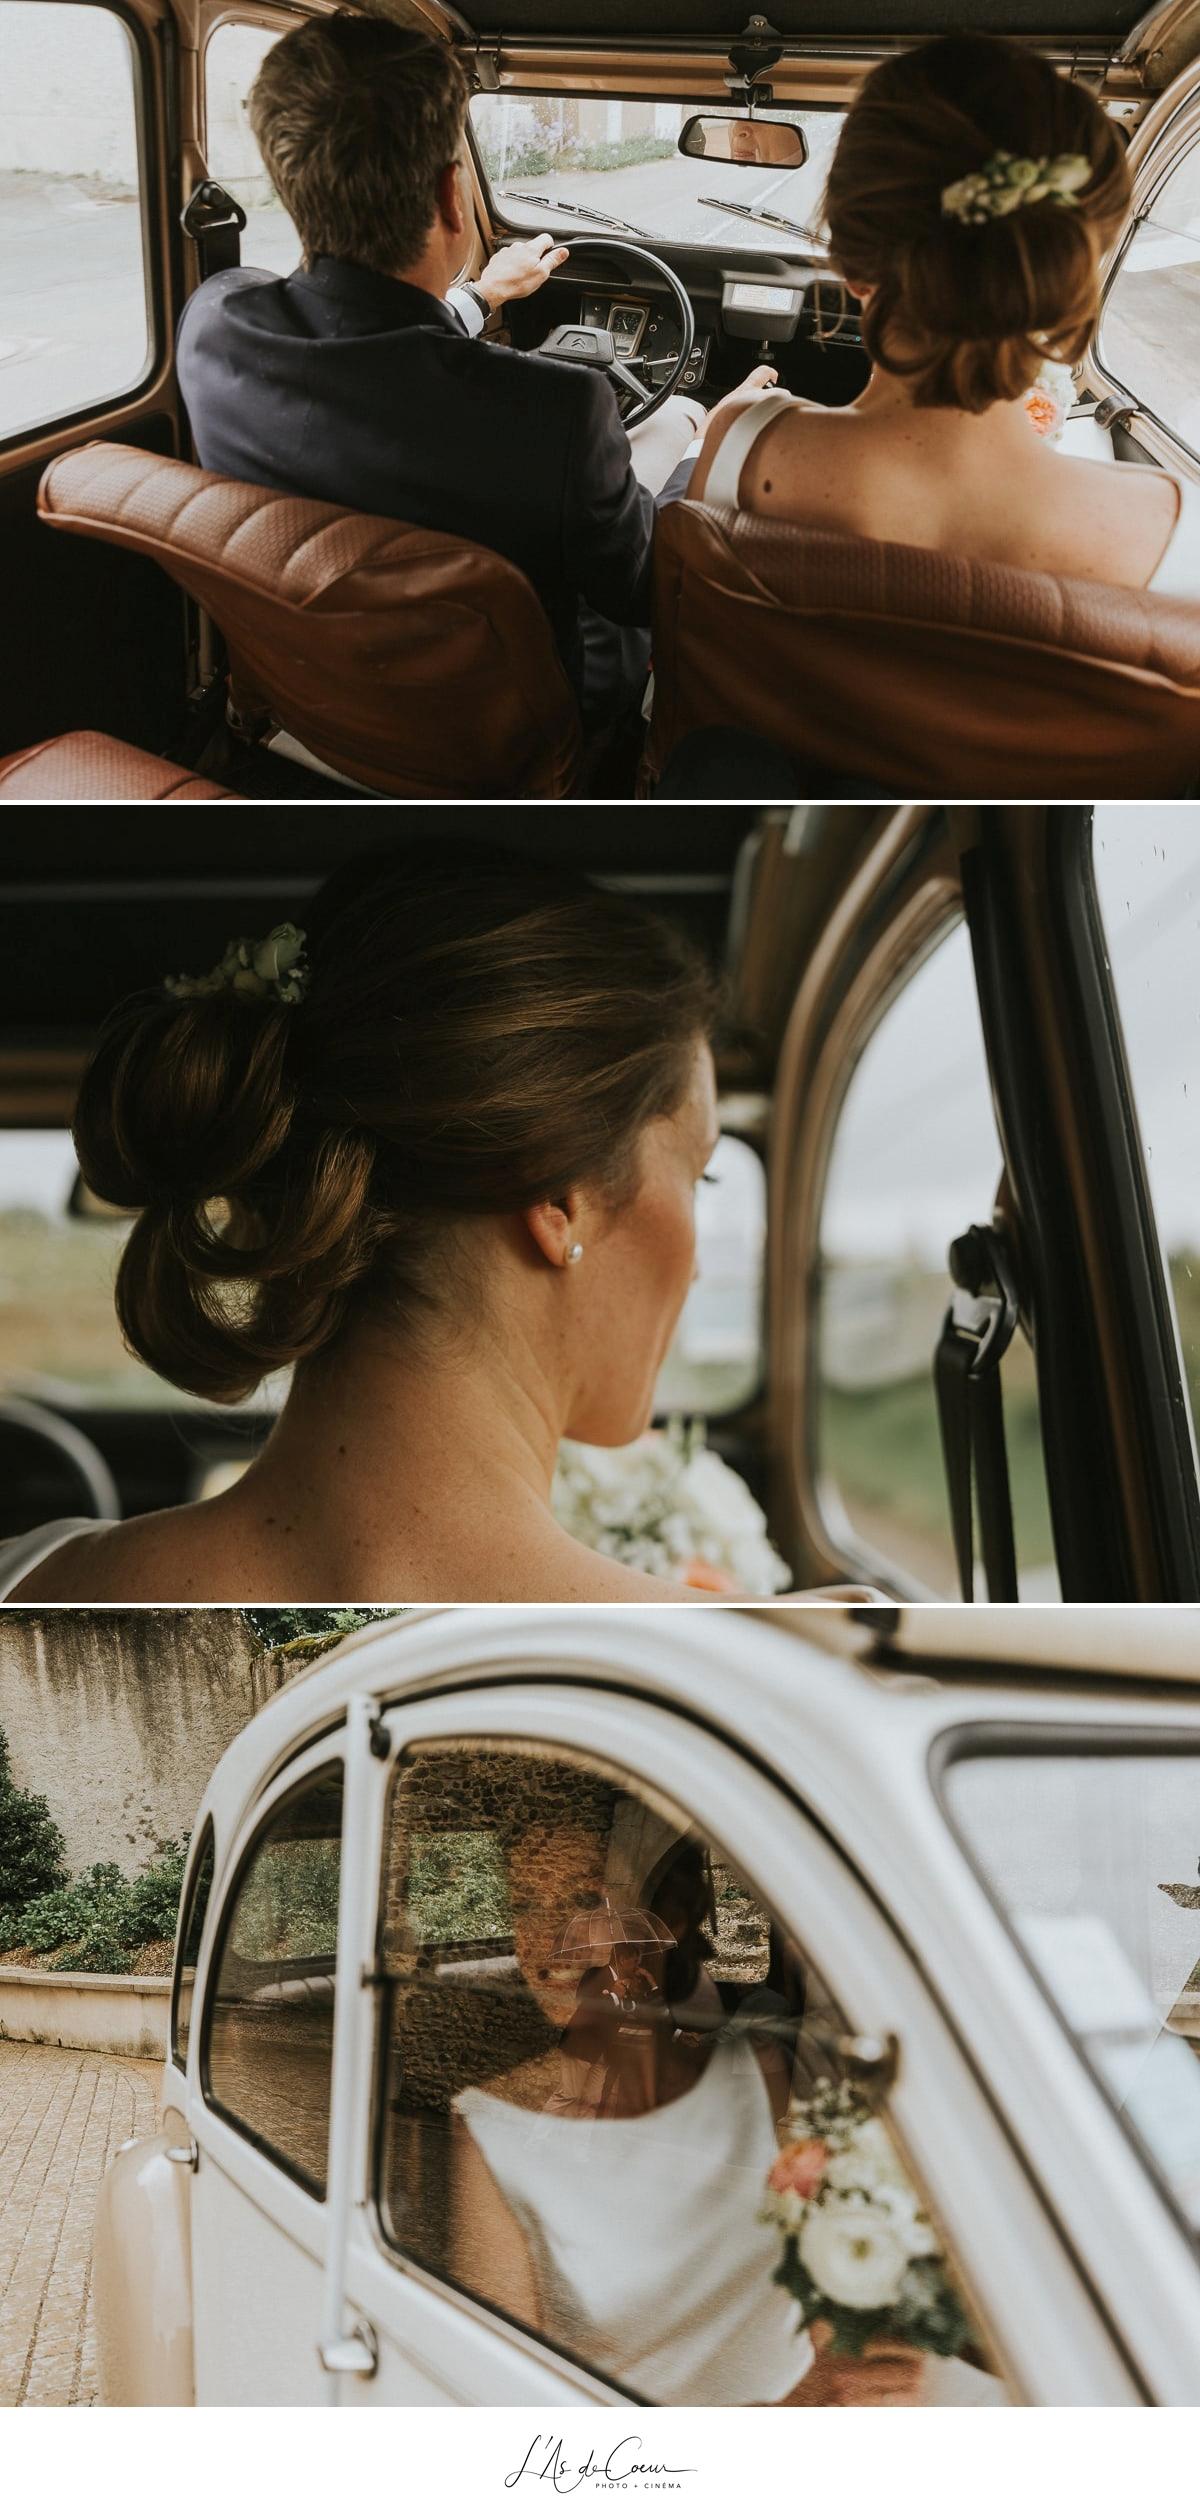 photos 2CV voiture vintage Domaine de Morgon la javenrière photographe mariage lyon Beaujolais L'As de Coeur